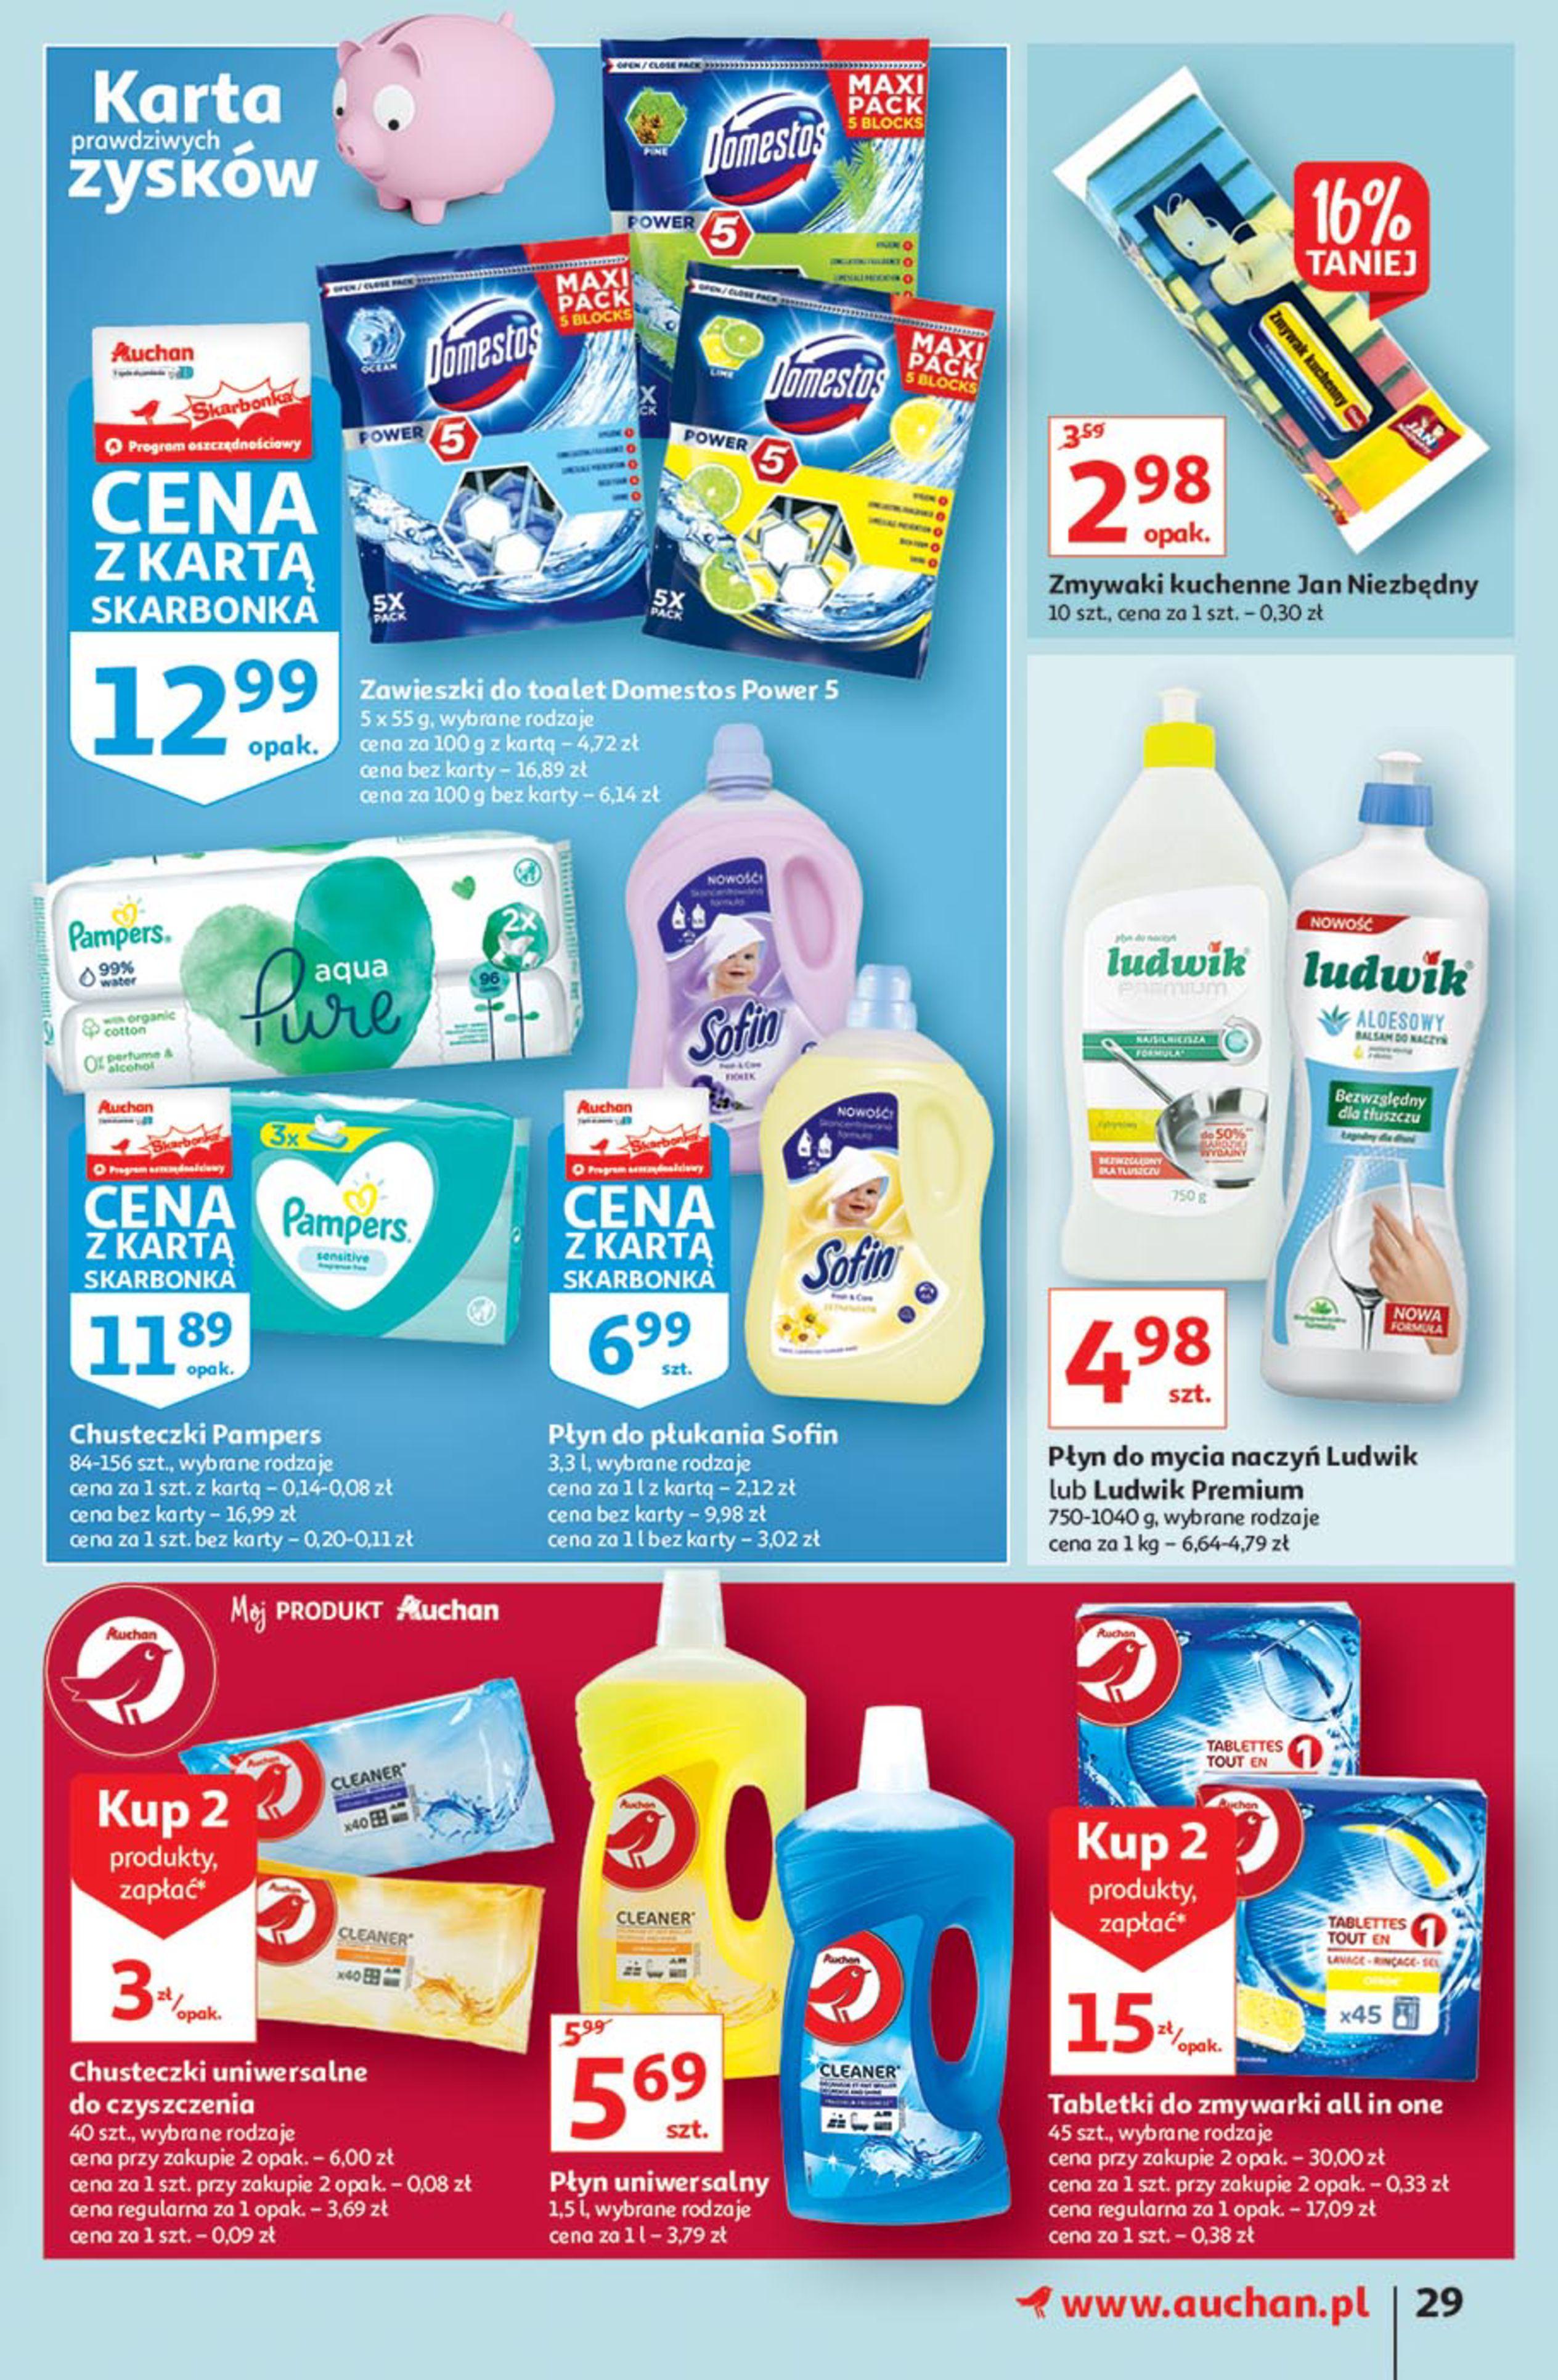 Gazetka Auchan: Gazetka Auchan - Euro 2020 2021-06-10 page-29